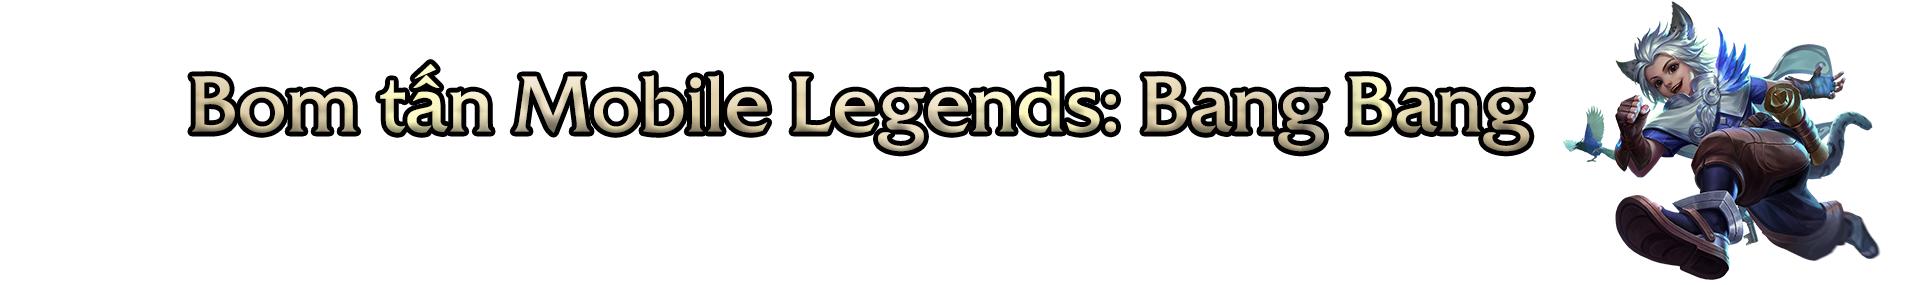 VNG: Từ những bước đi eSports sơ khởi đến 'bom tấn' Mobile Legends: Bang Bang - Ảnh 3.